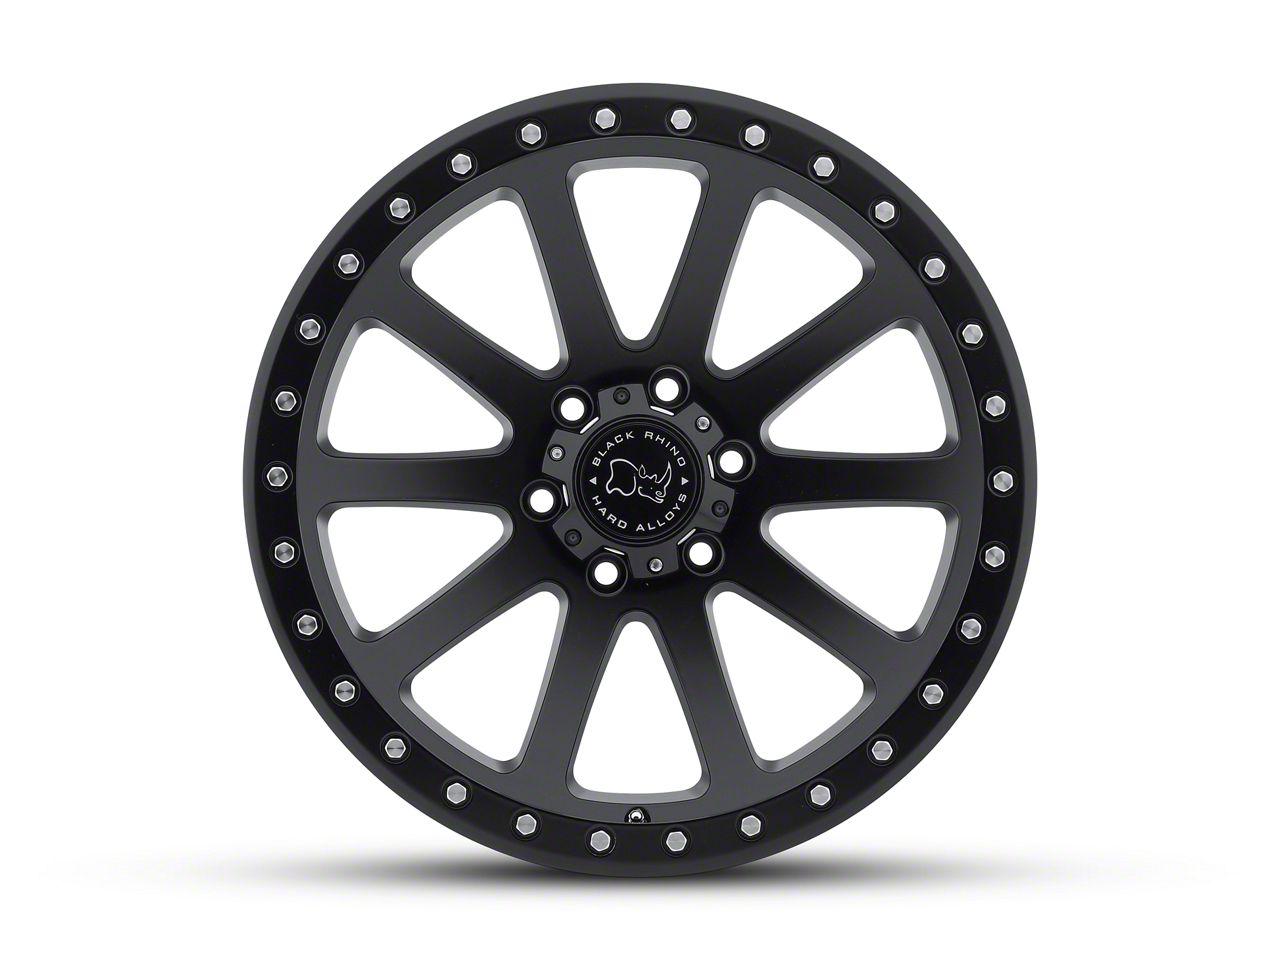 Black Rhino Mint Matte Black 6-Lug Wheel - 17x9 (99-18 Silverado 1500)